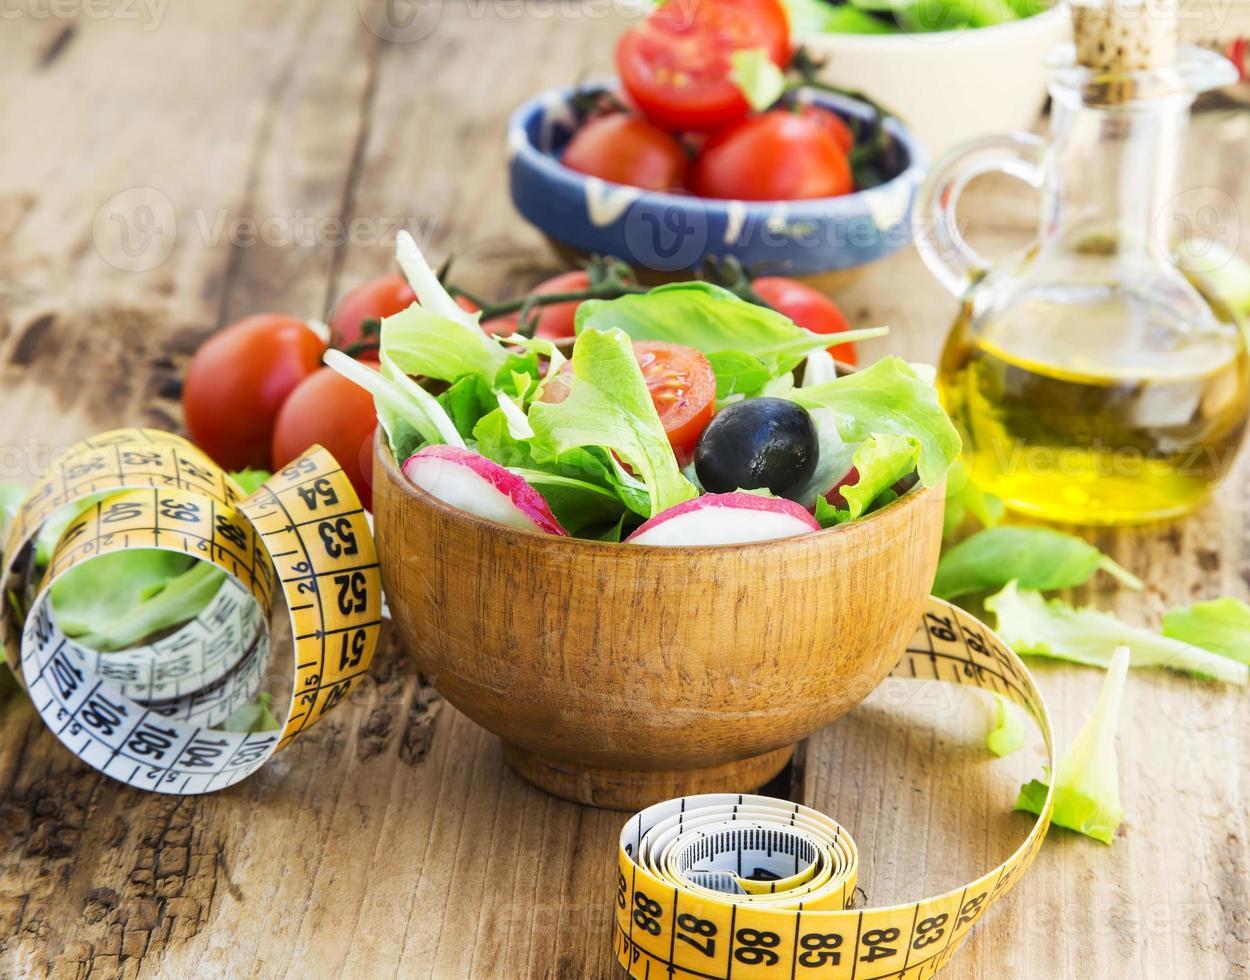 salade de légumes sains avec ruban à mesurer concept de régime photo